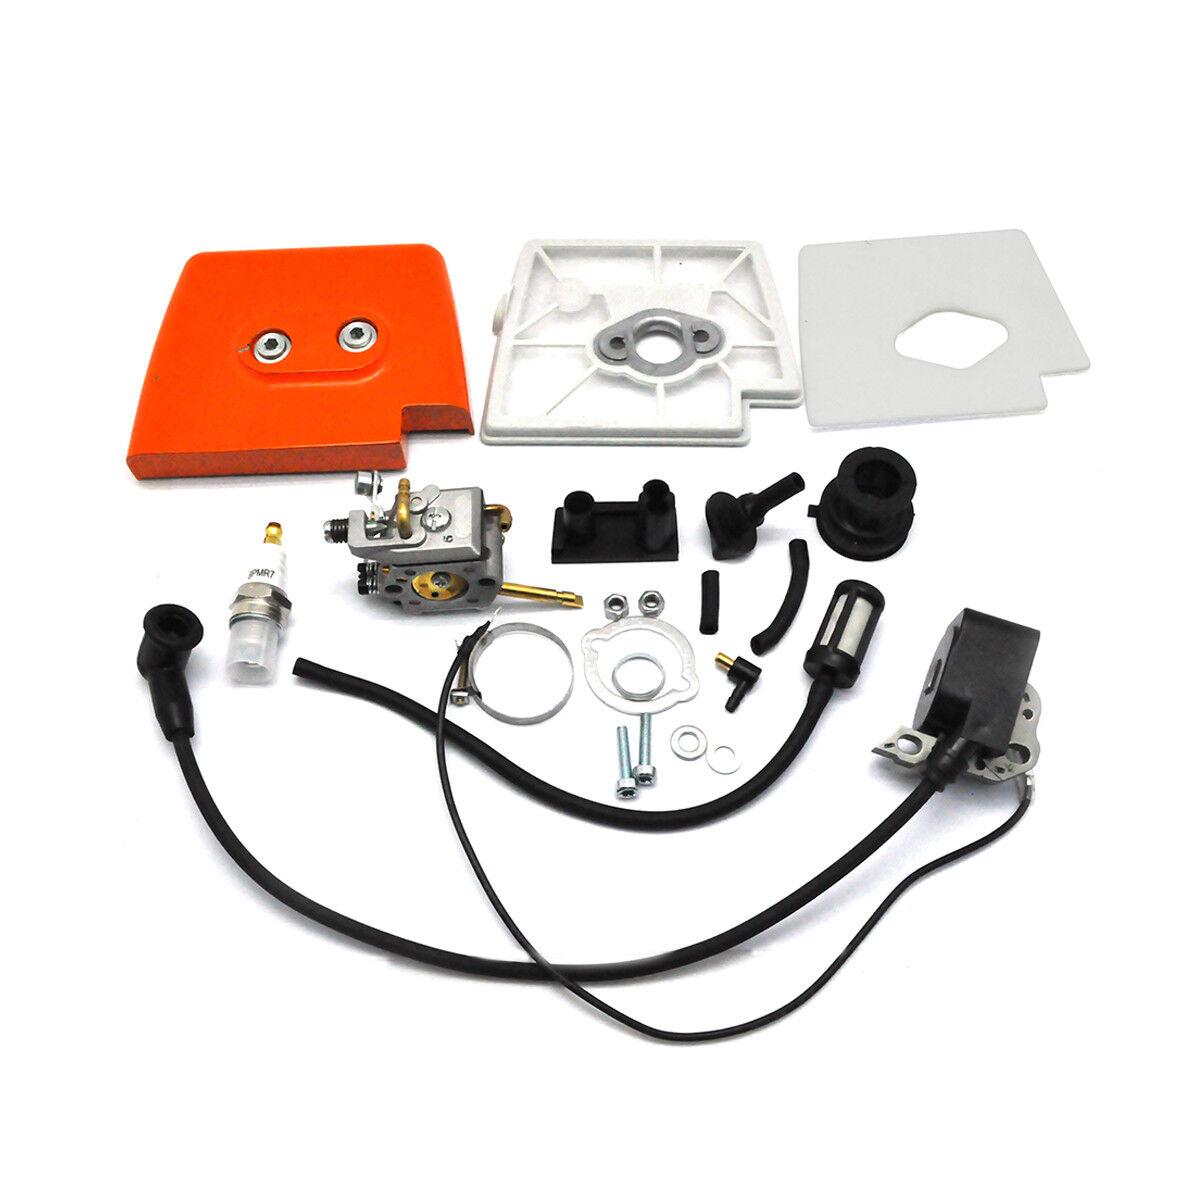 Bobina de ignición, Cocheburador, Tapa De Filtro De Aire Para Stihl FS160 FS180 FS220 FS280 Nuevo